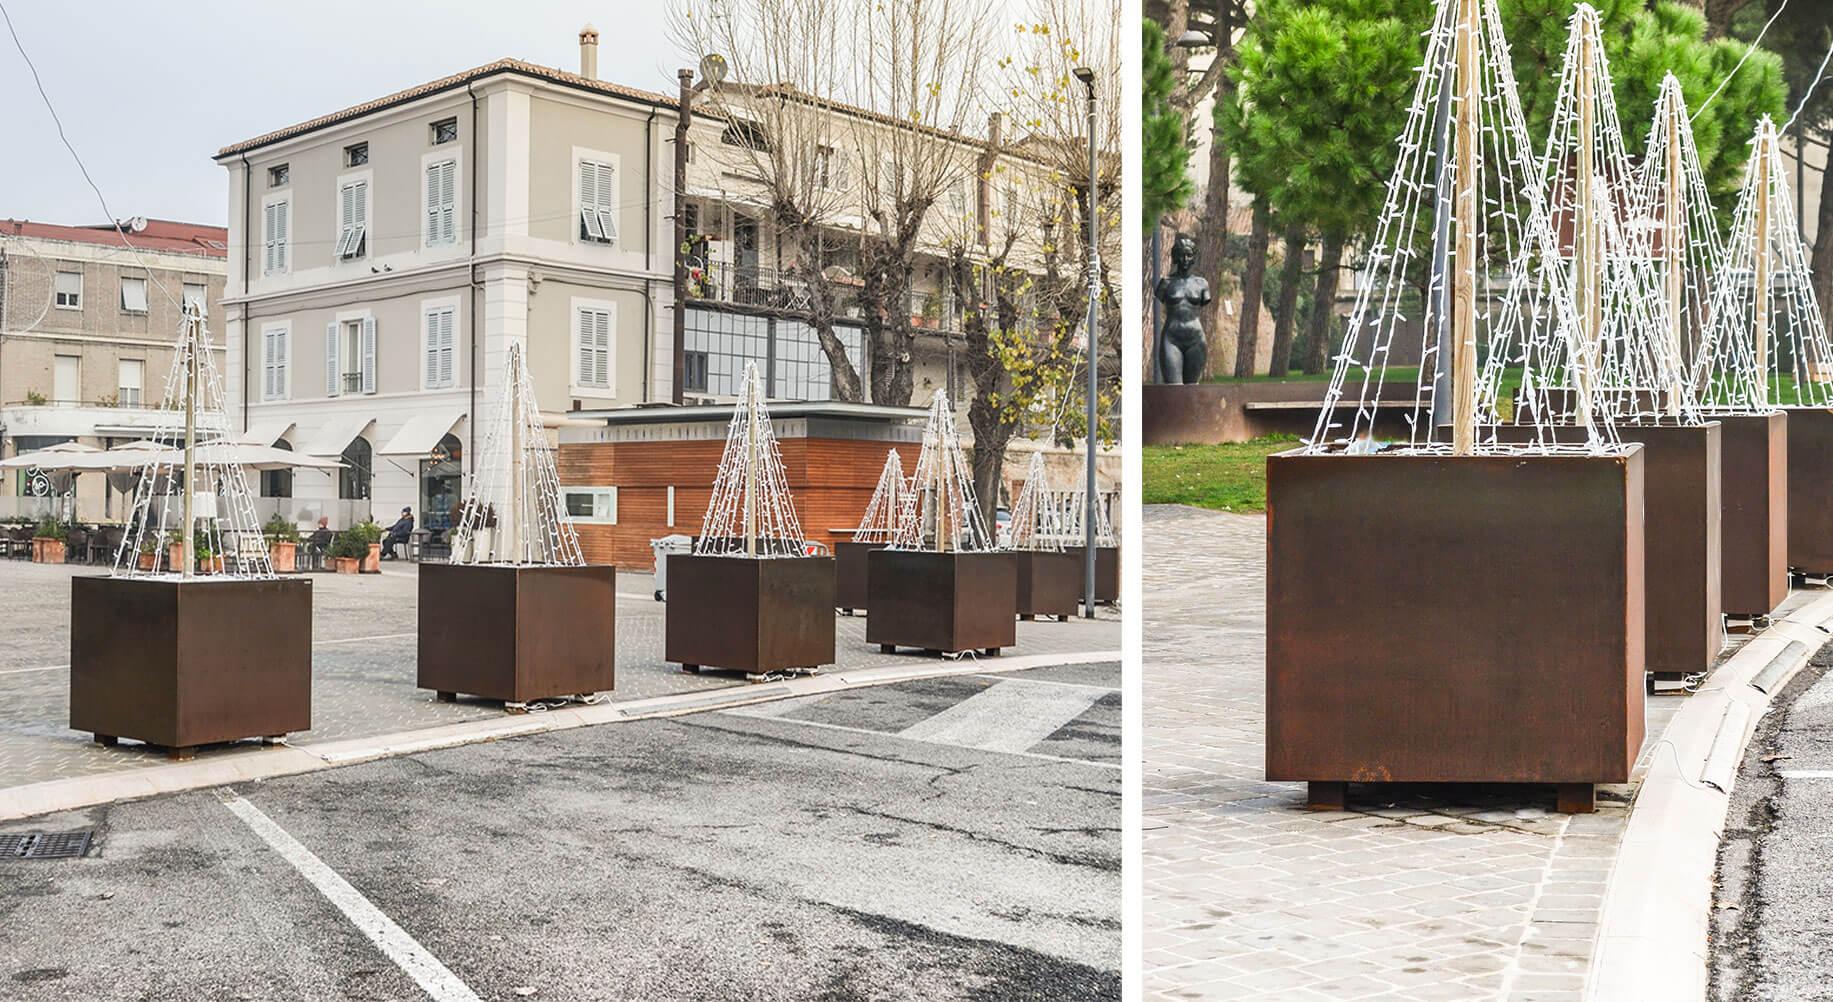 Square antiterrorist planters in Senigallia